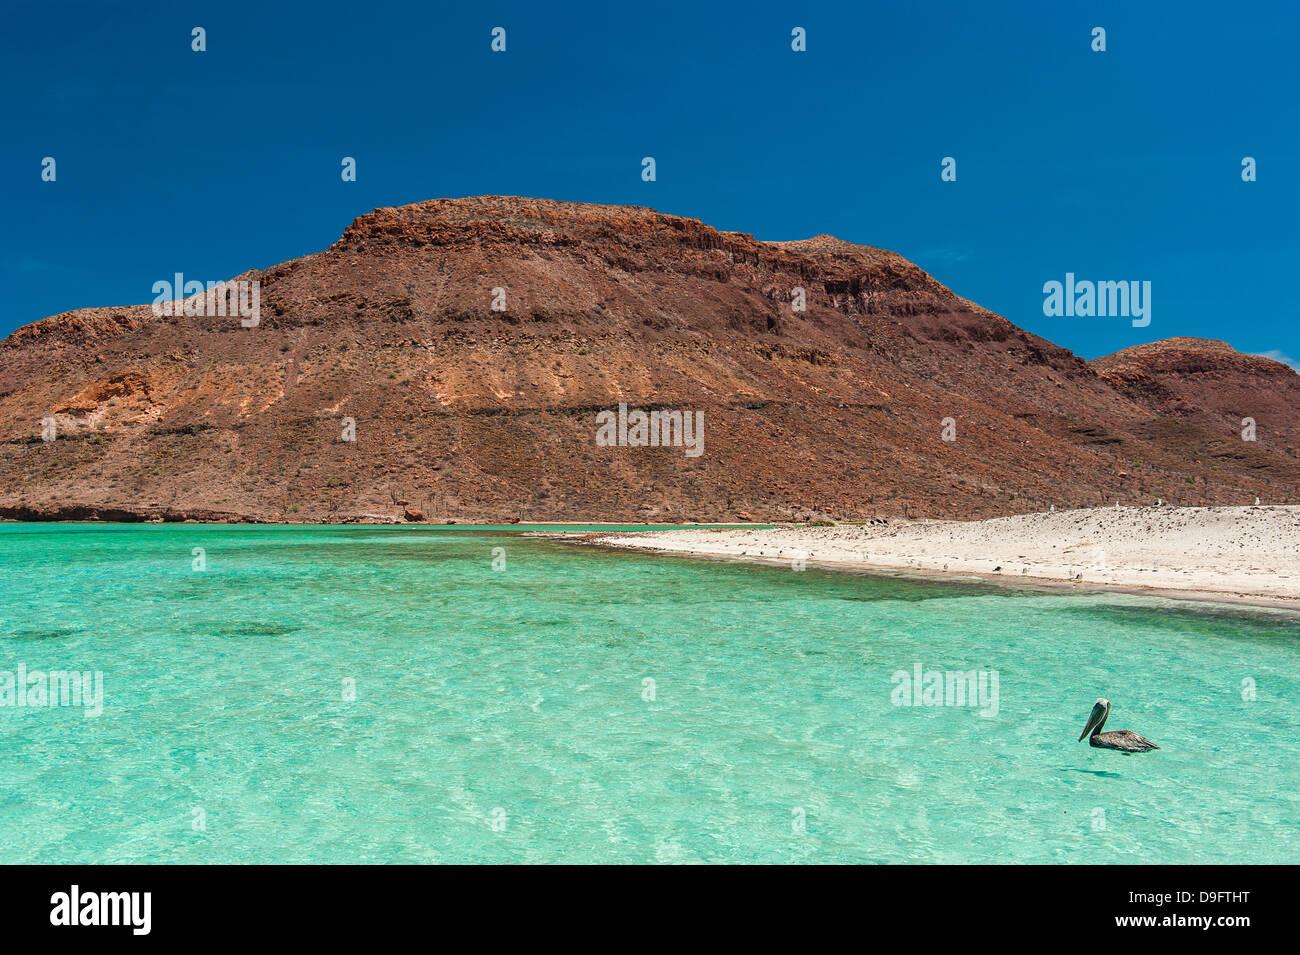 Pellicani nelle acque turchesi all isola di Espiritu Santo, Baja California, Messico Immagini Stock